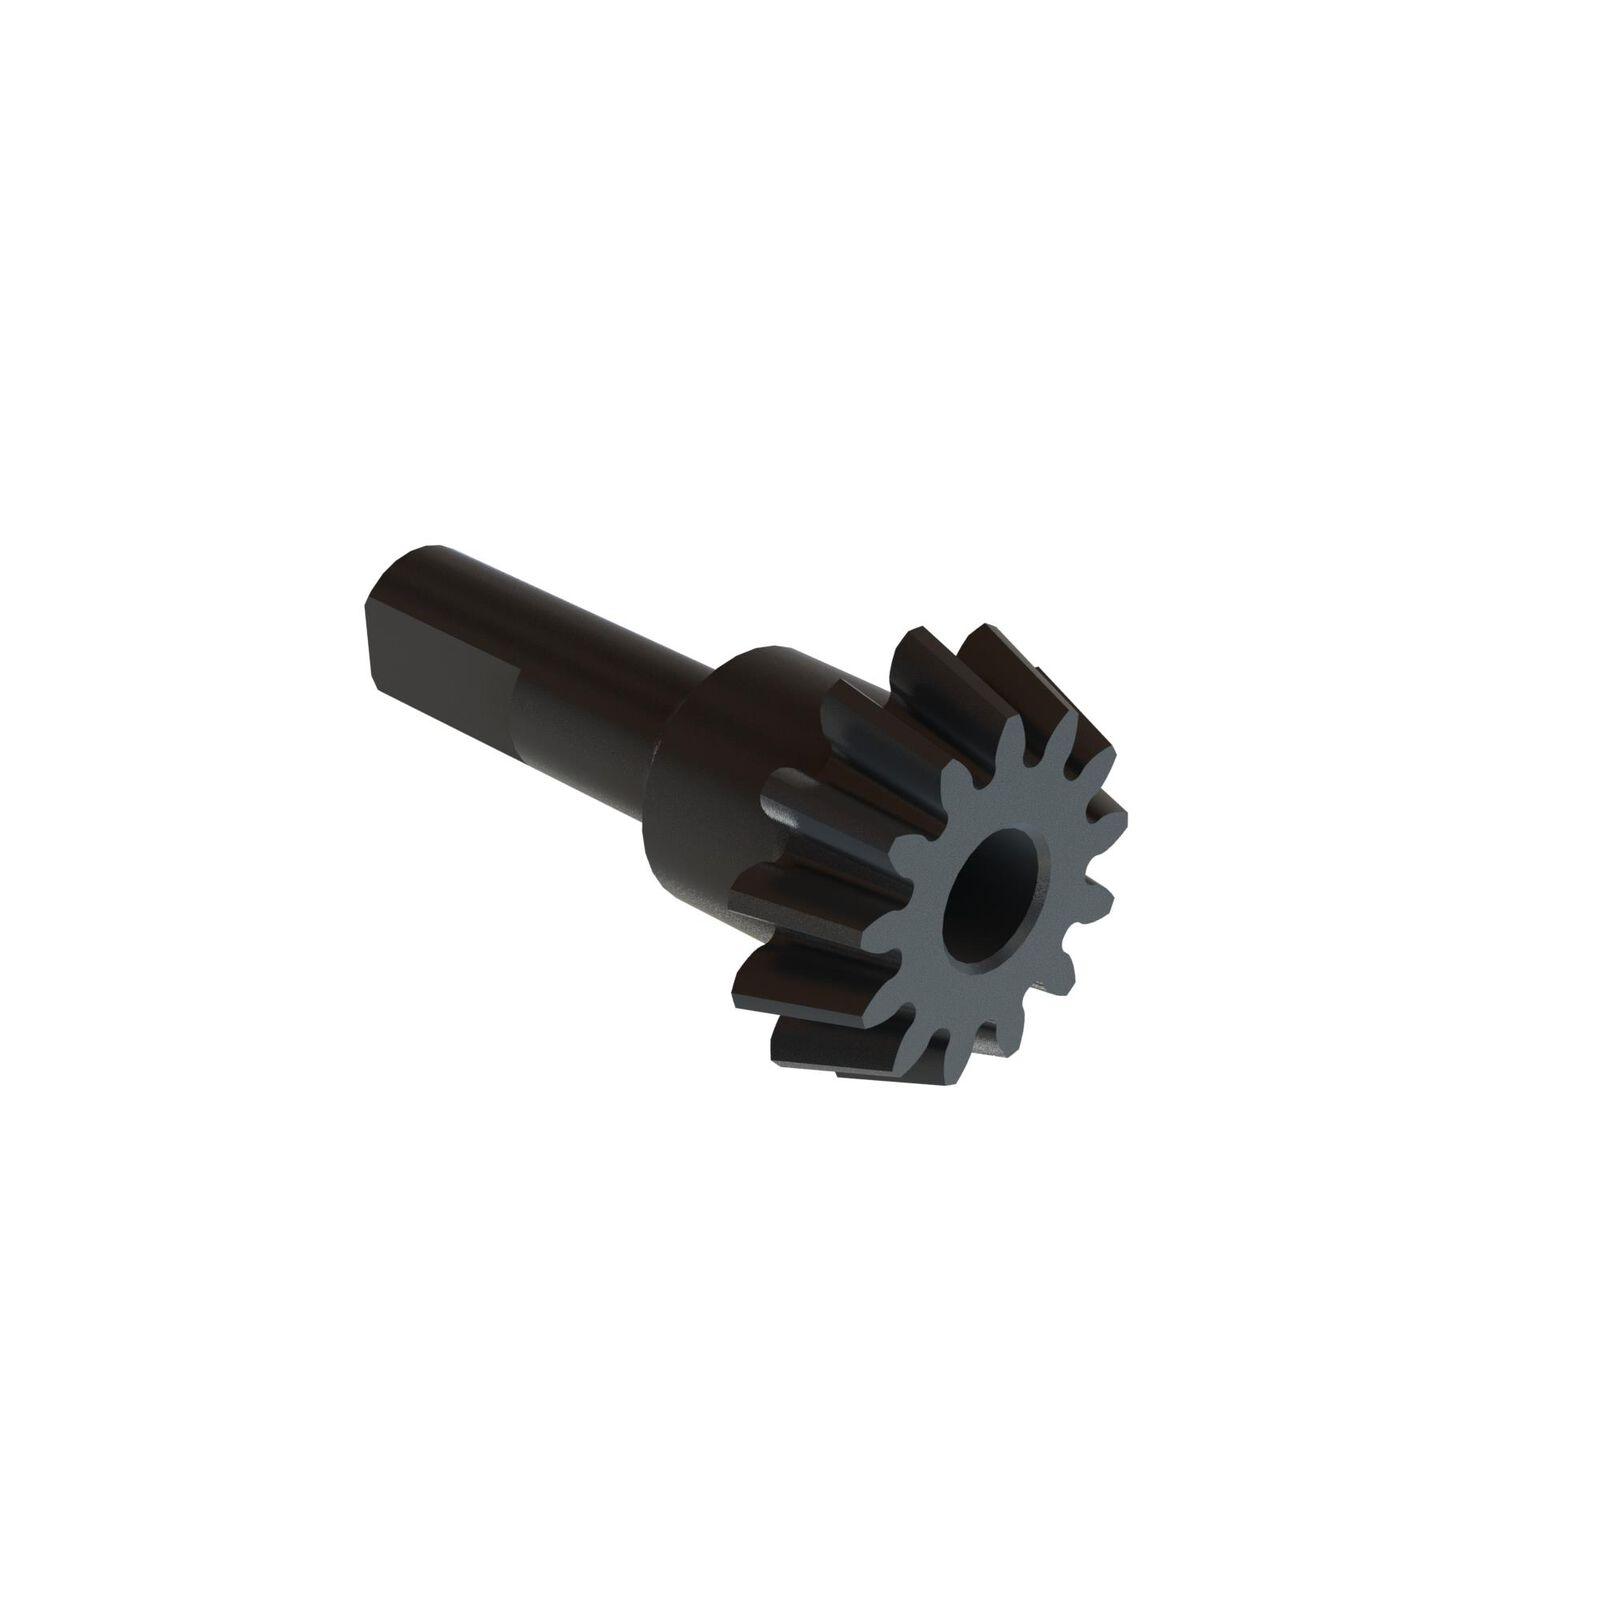 Main Input Gear 13T Straight Cut Safe-D